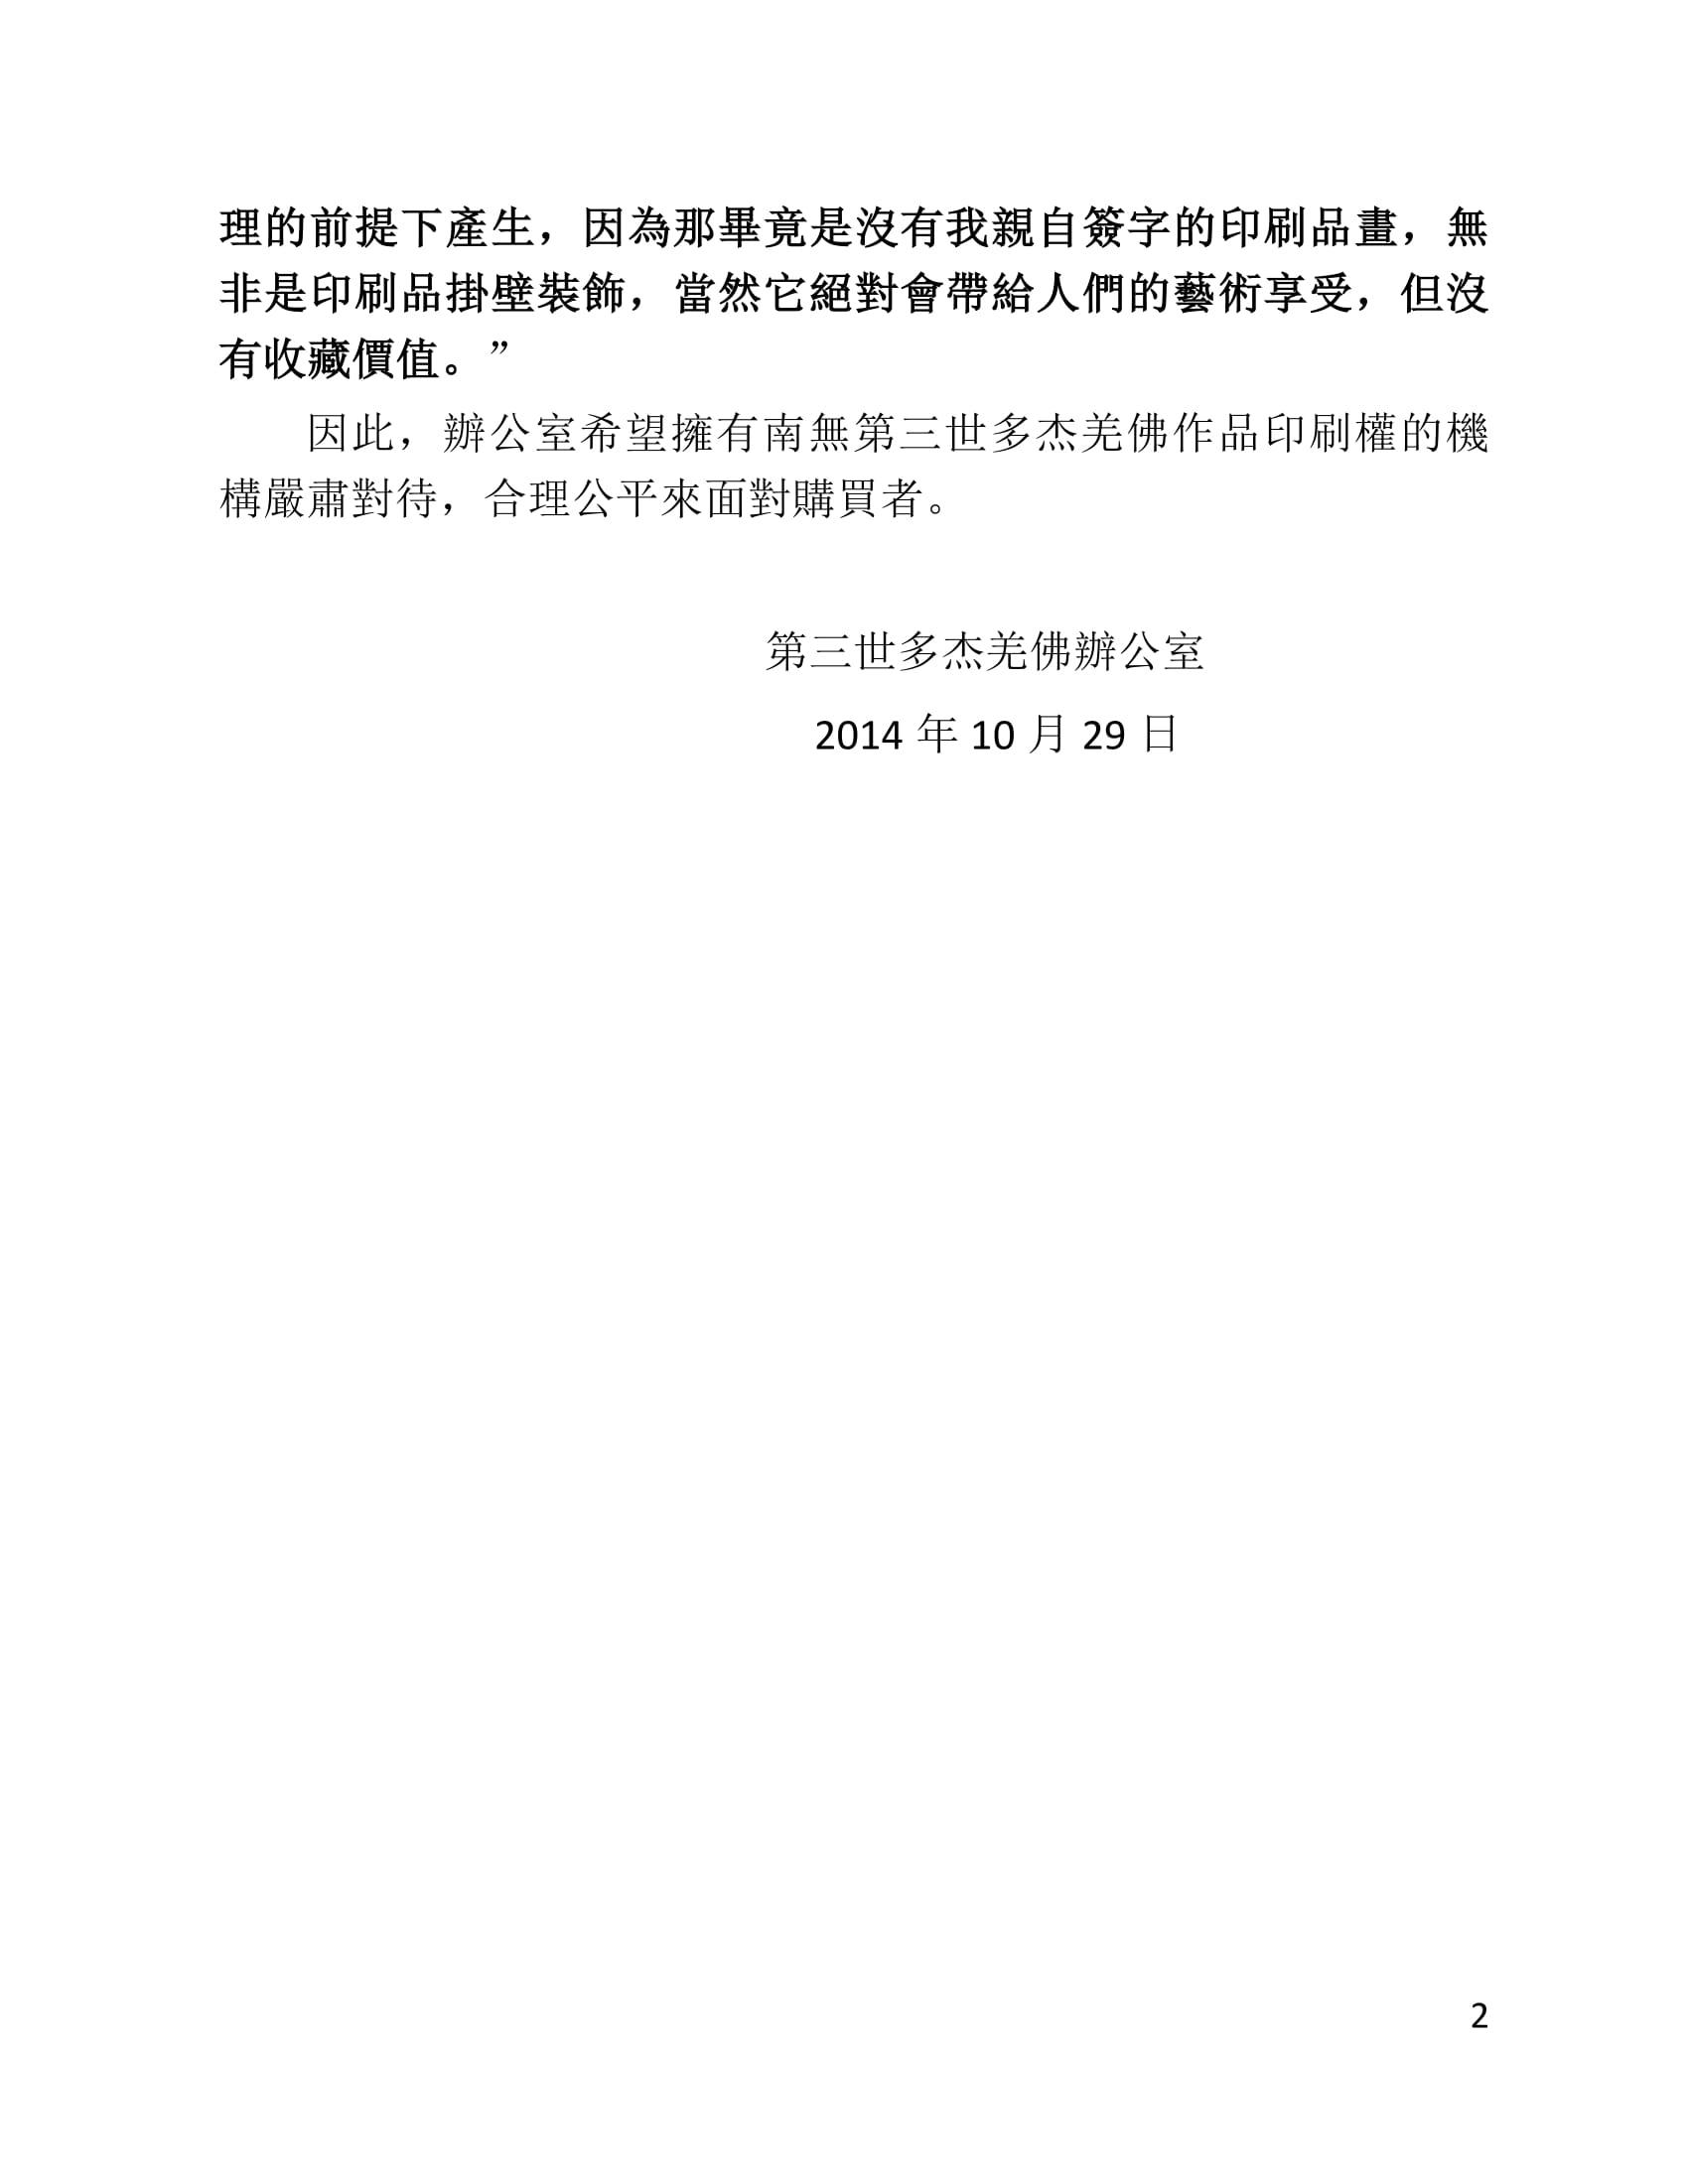 第三世多杰羌佛辦公室 給售賣南無第三世多杰羌佛複製品畫的公司的一封公開信